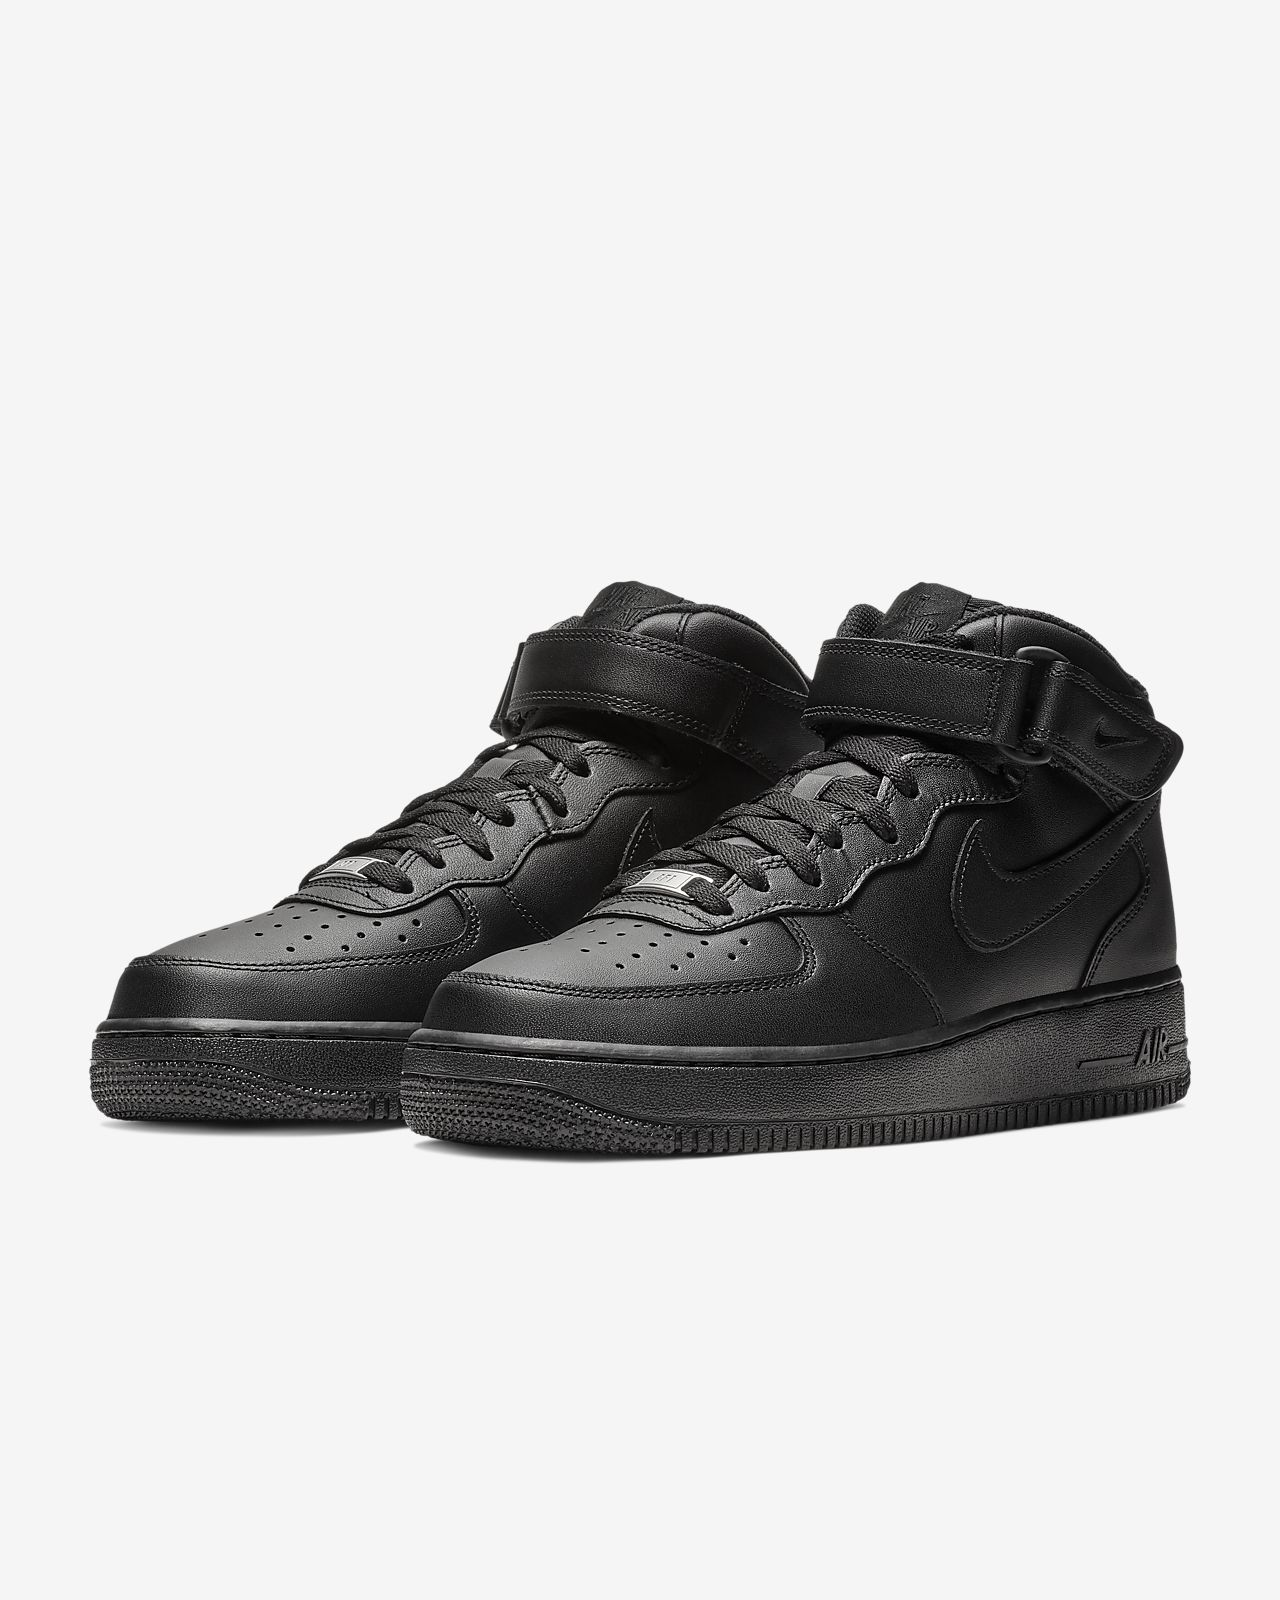 6b84d86195cac Nike Air Force 1 Mid  07 Zapatillas - Hombre. Nike.com ES